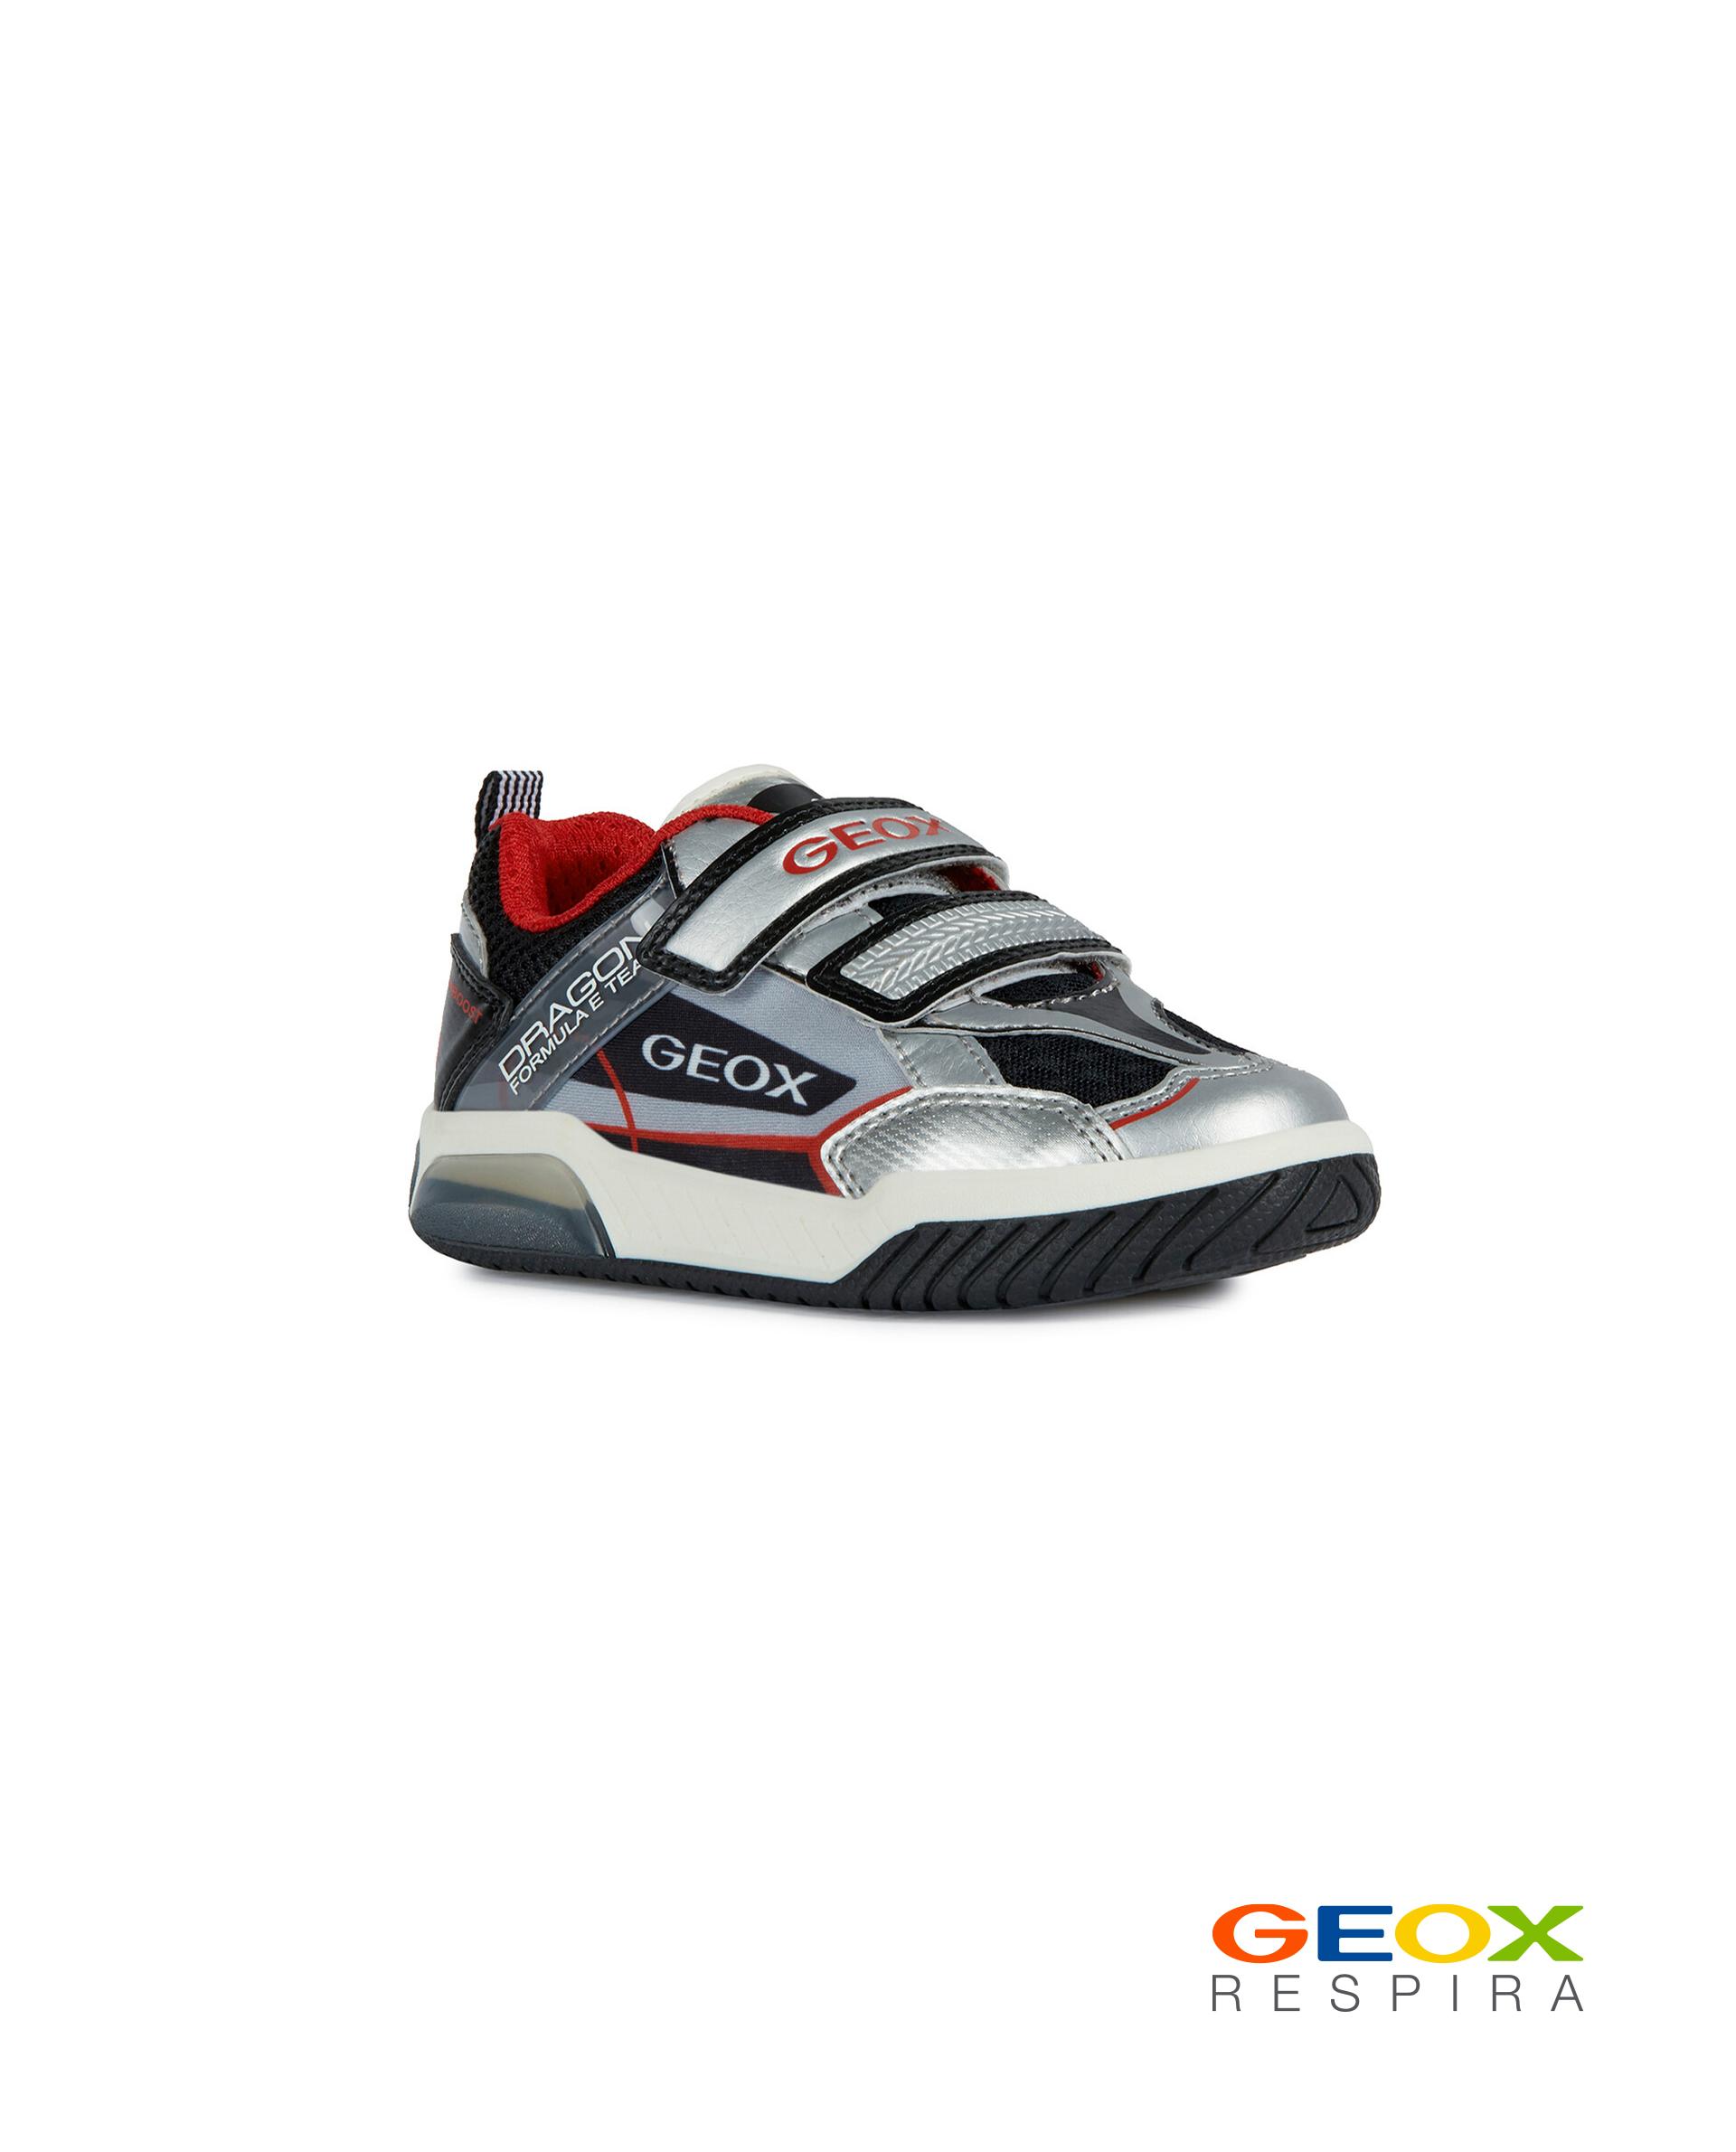 Серые кроссовки Geox для мальчика J02BRA014BUC0474 серого цвета